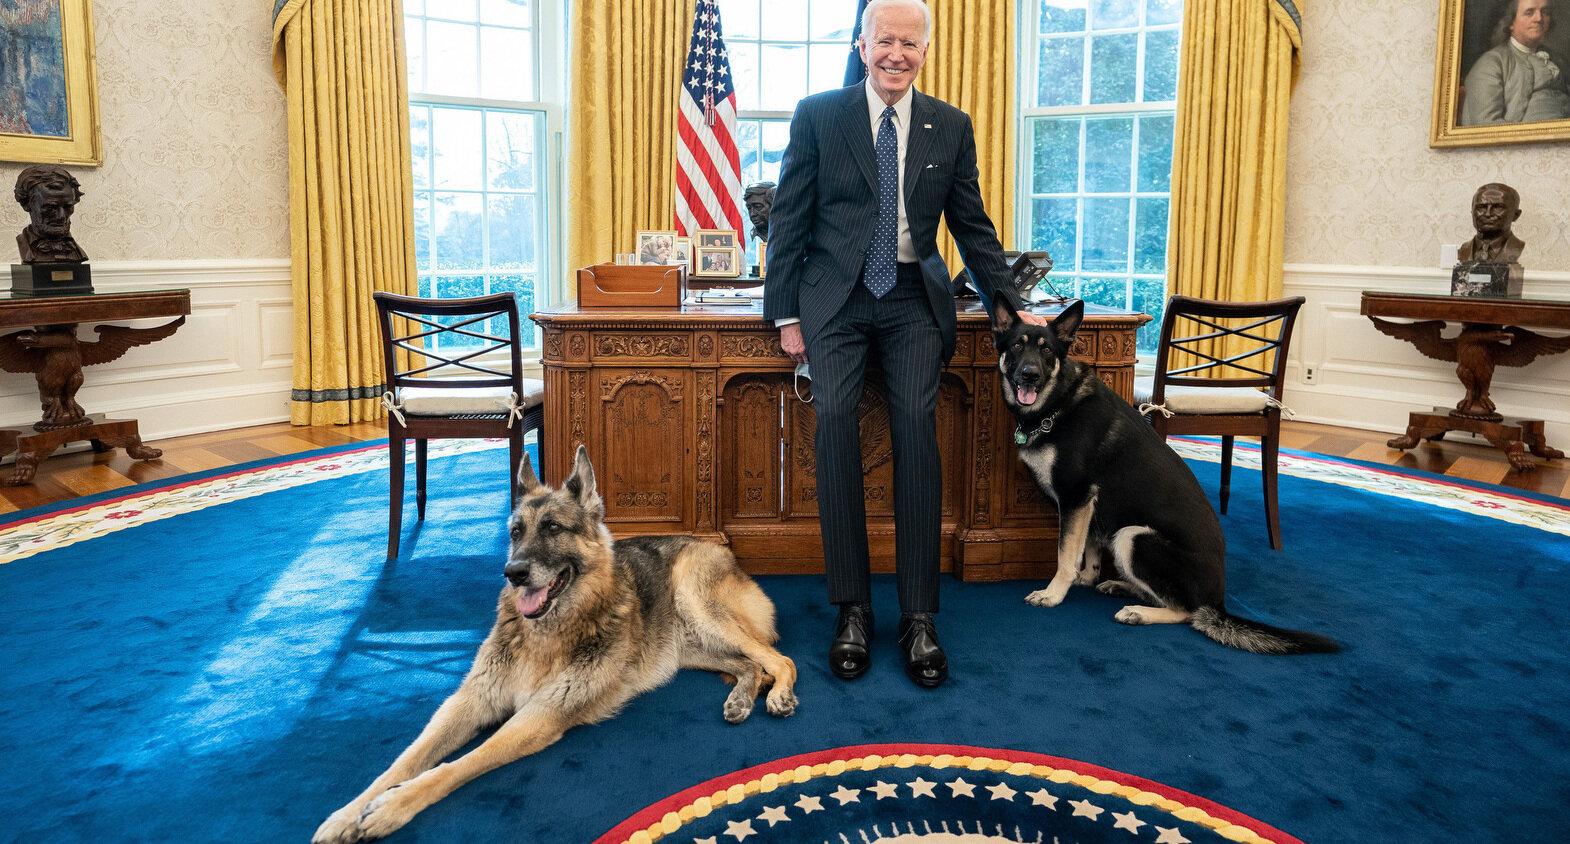 Se destramă familia Biden de la Casa Albă. Câinii au fost dați afară după ce unul dintre ei a atacat un agent de securitate